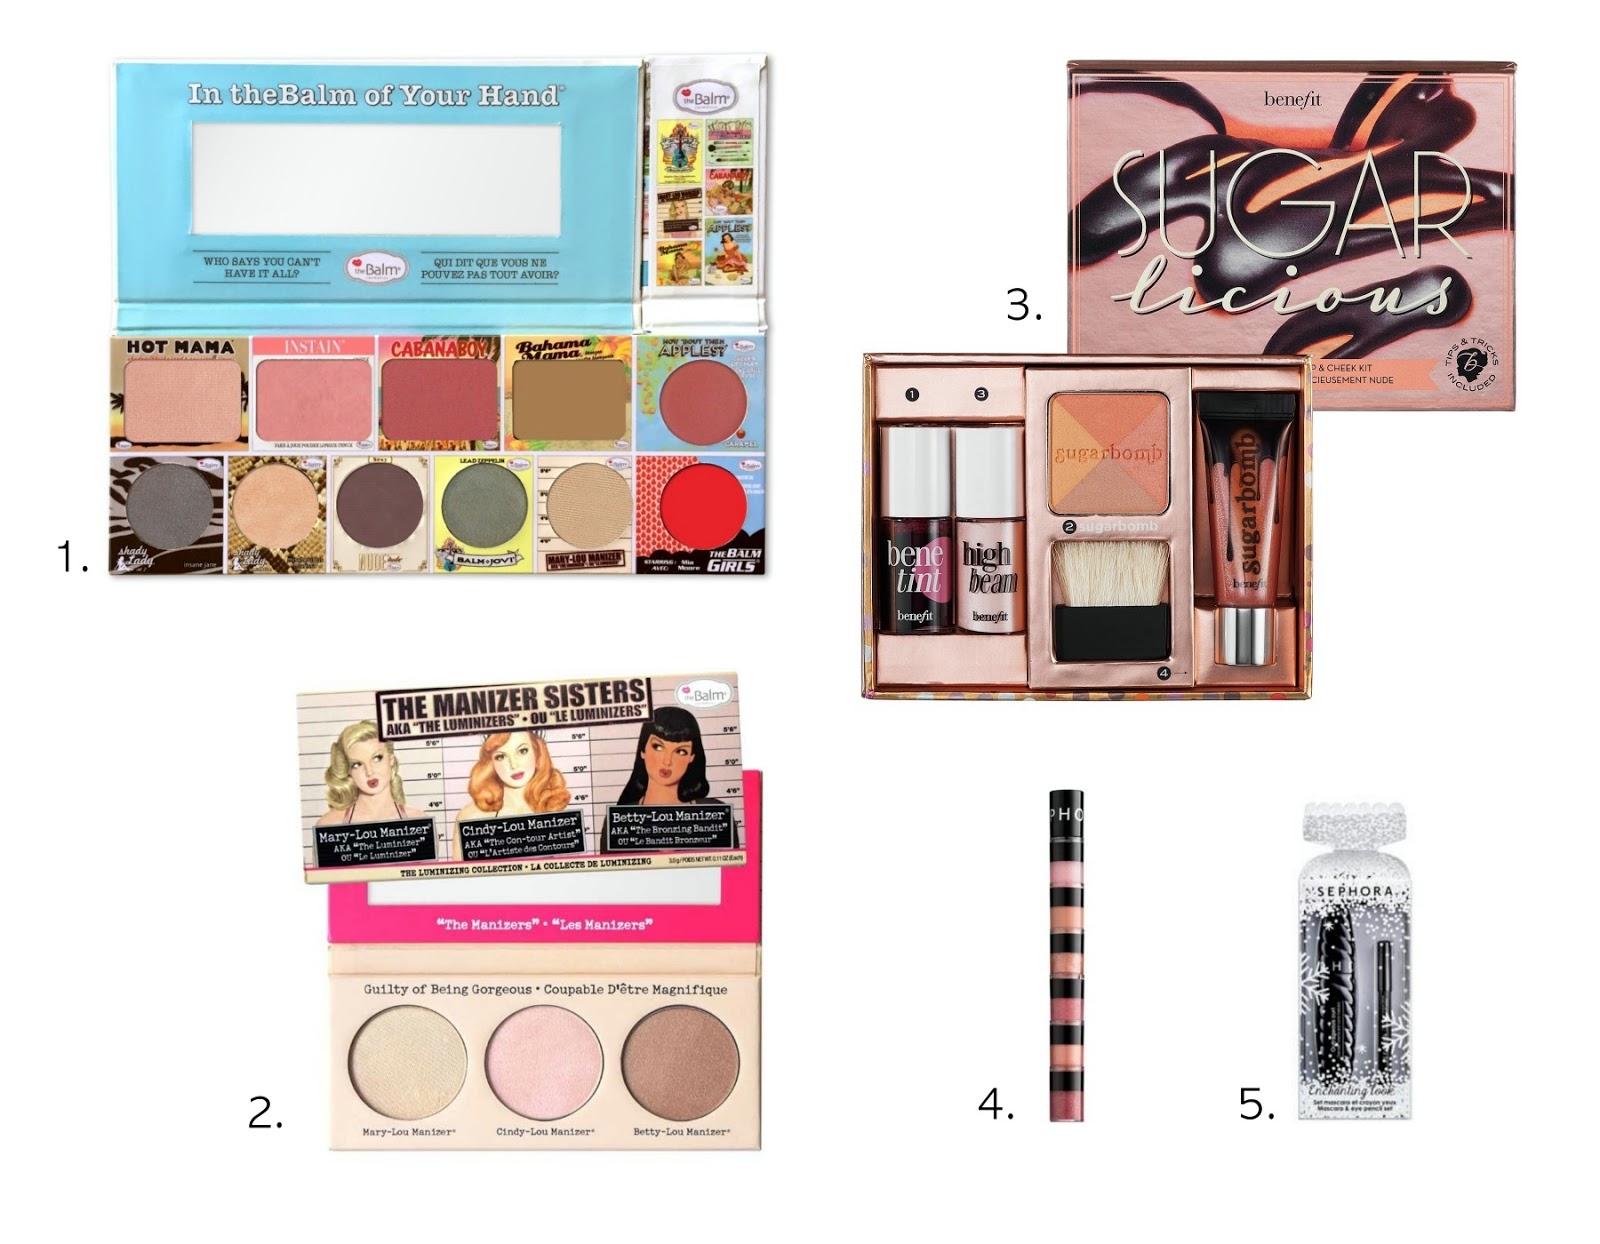 Prezentowe last minute: 5 ciekawych makijażowych zestawów, które kupisz w sklepie stacjonarnym